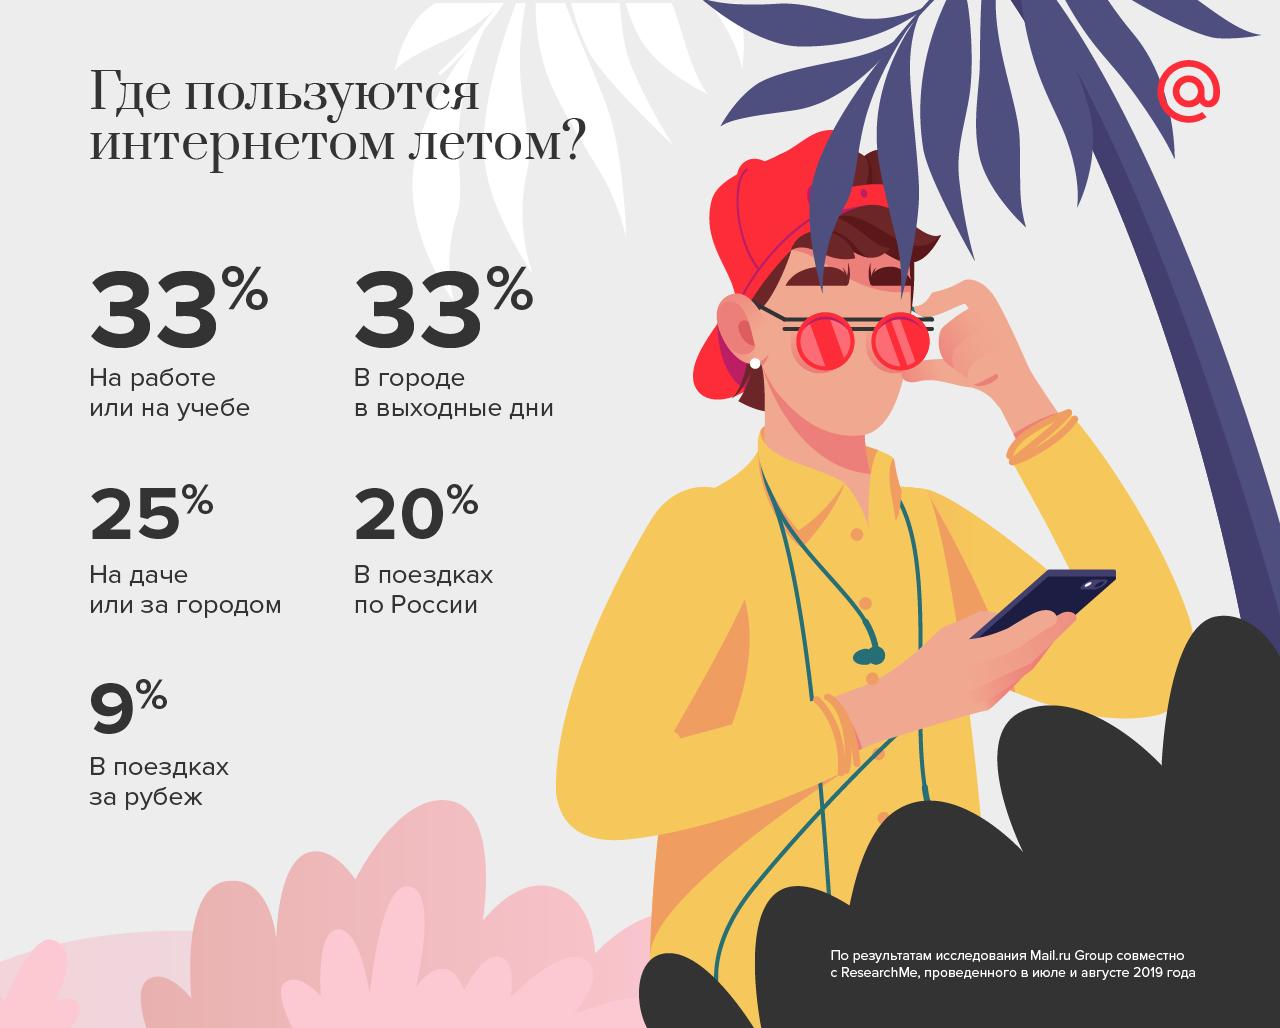 Как меняется интернет-потребление летом